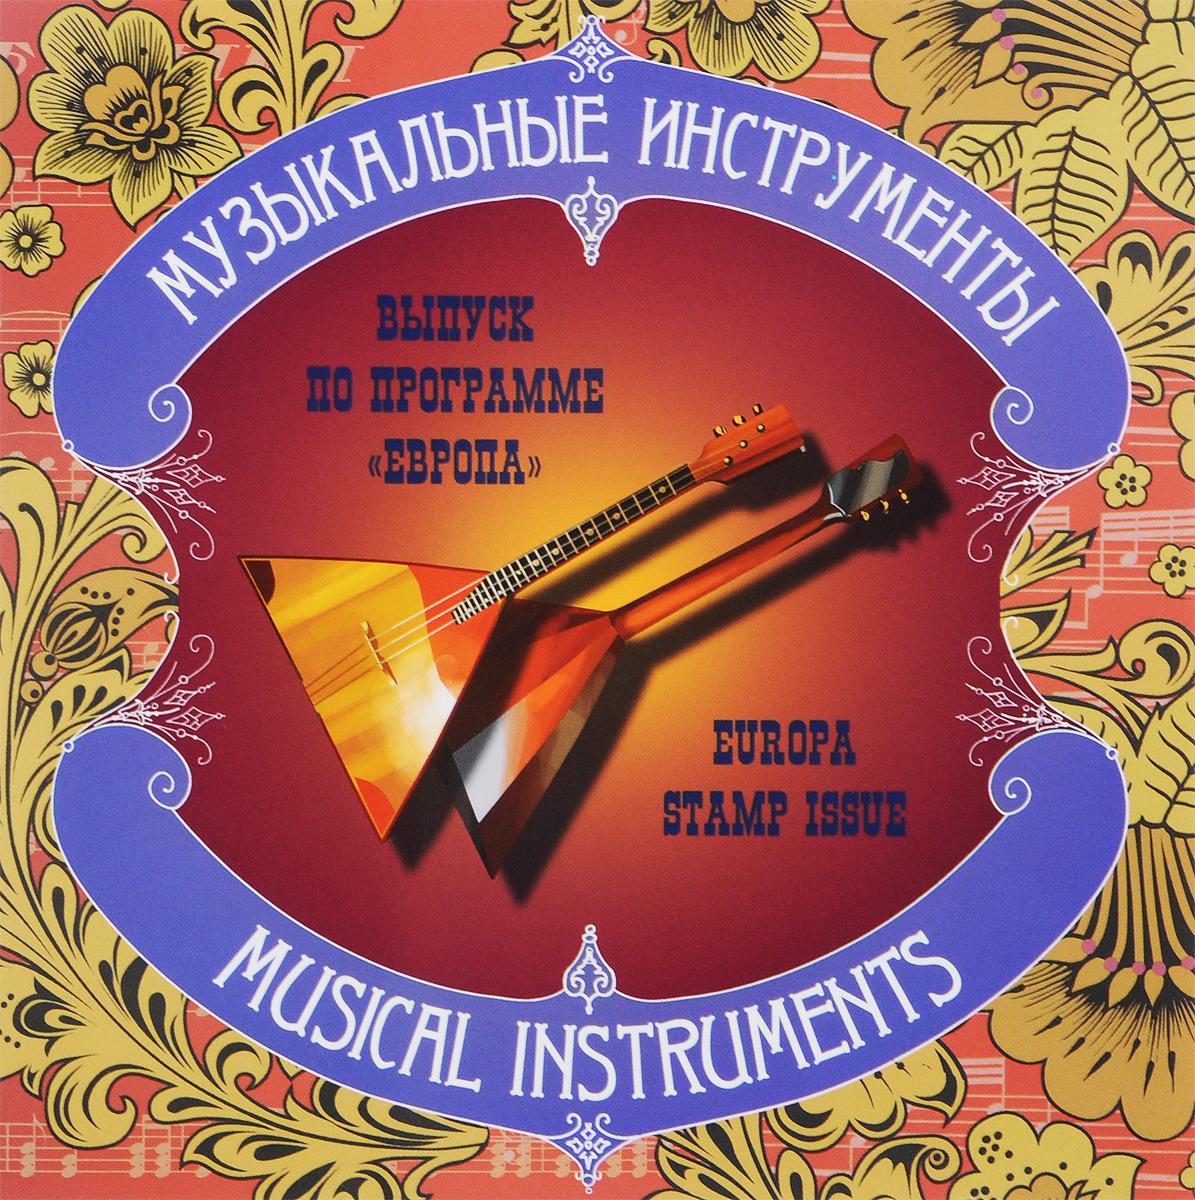 """Сувенирный почтовый набор Музыкальные инструменты. Выпуск по программе Европа, в художественной обложке656Сувенирный почтовый набор включает в себя два конверта с марками и четыре марки из коллекции Музыкальные инструменты. Предметы набора упакованы в подарочную картонную обложку-буклет. Сувенирный почтовый набор Музыкальные инструменты. Выпуск по программе """"Европа"""" благодаря своему художественному оформлению придется по вкусу коллекционеру."""